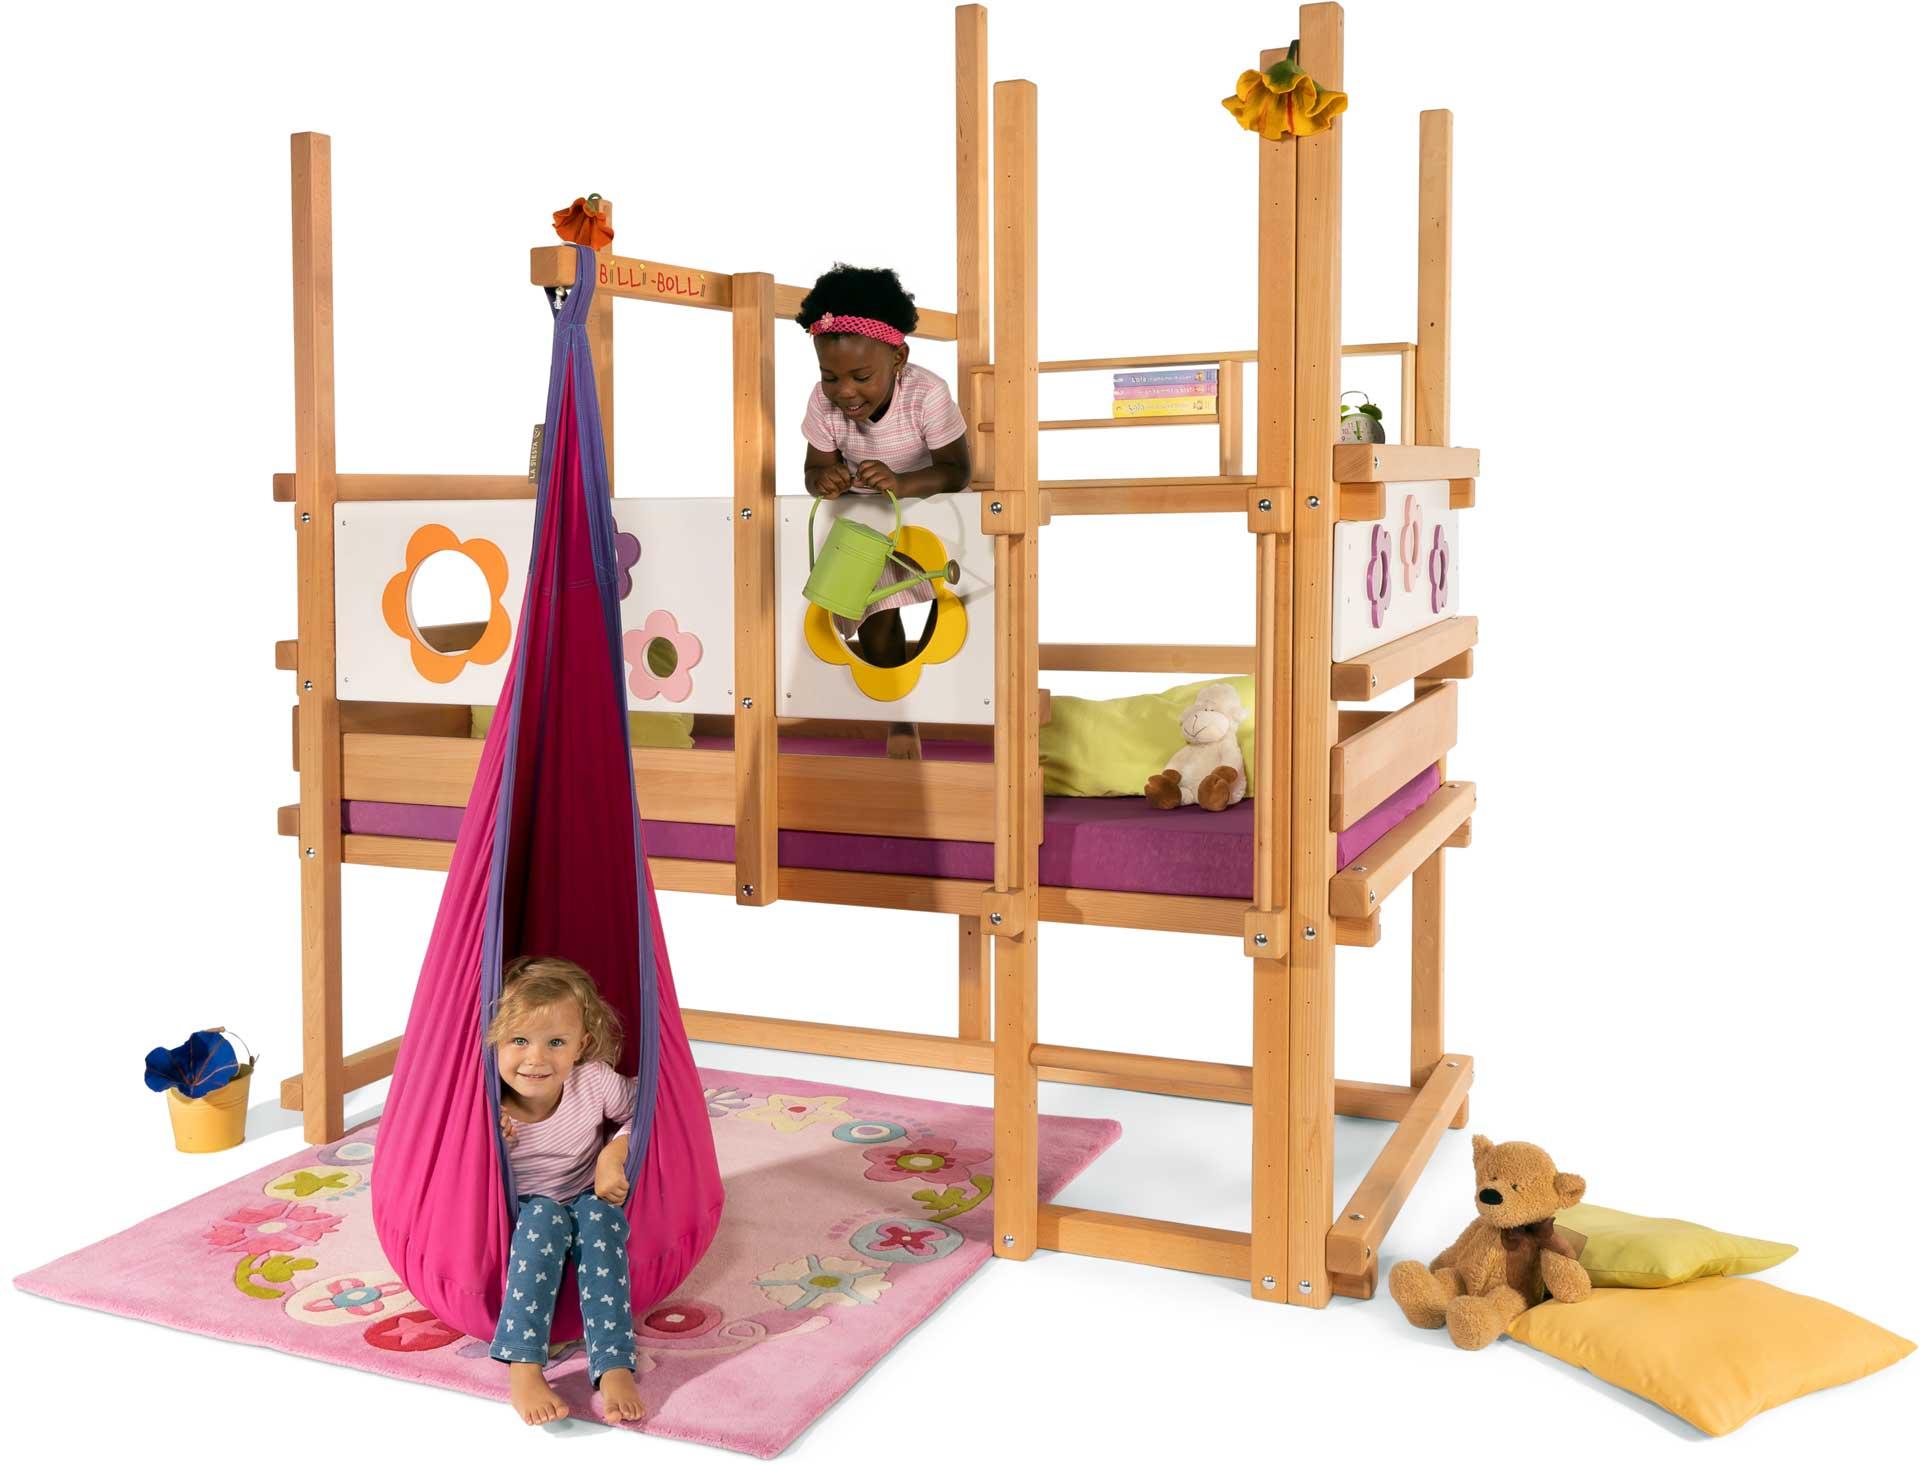 hochbett mitwachsend online kaufen billi bolli kinderm bel. Black Bedroom Furniture Sets. Home Design Ideas